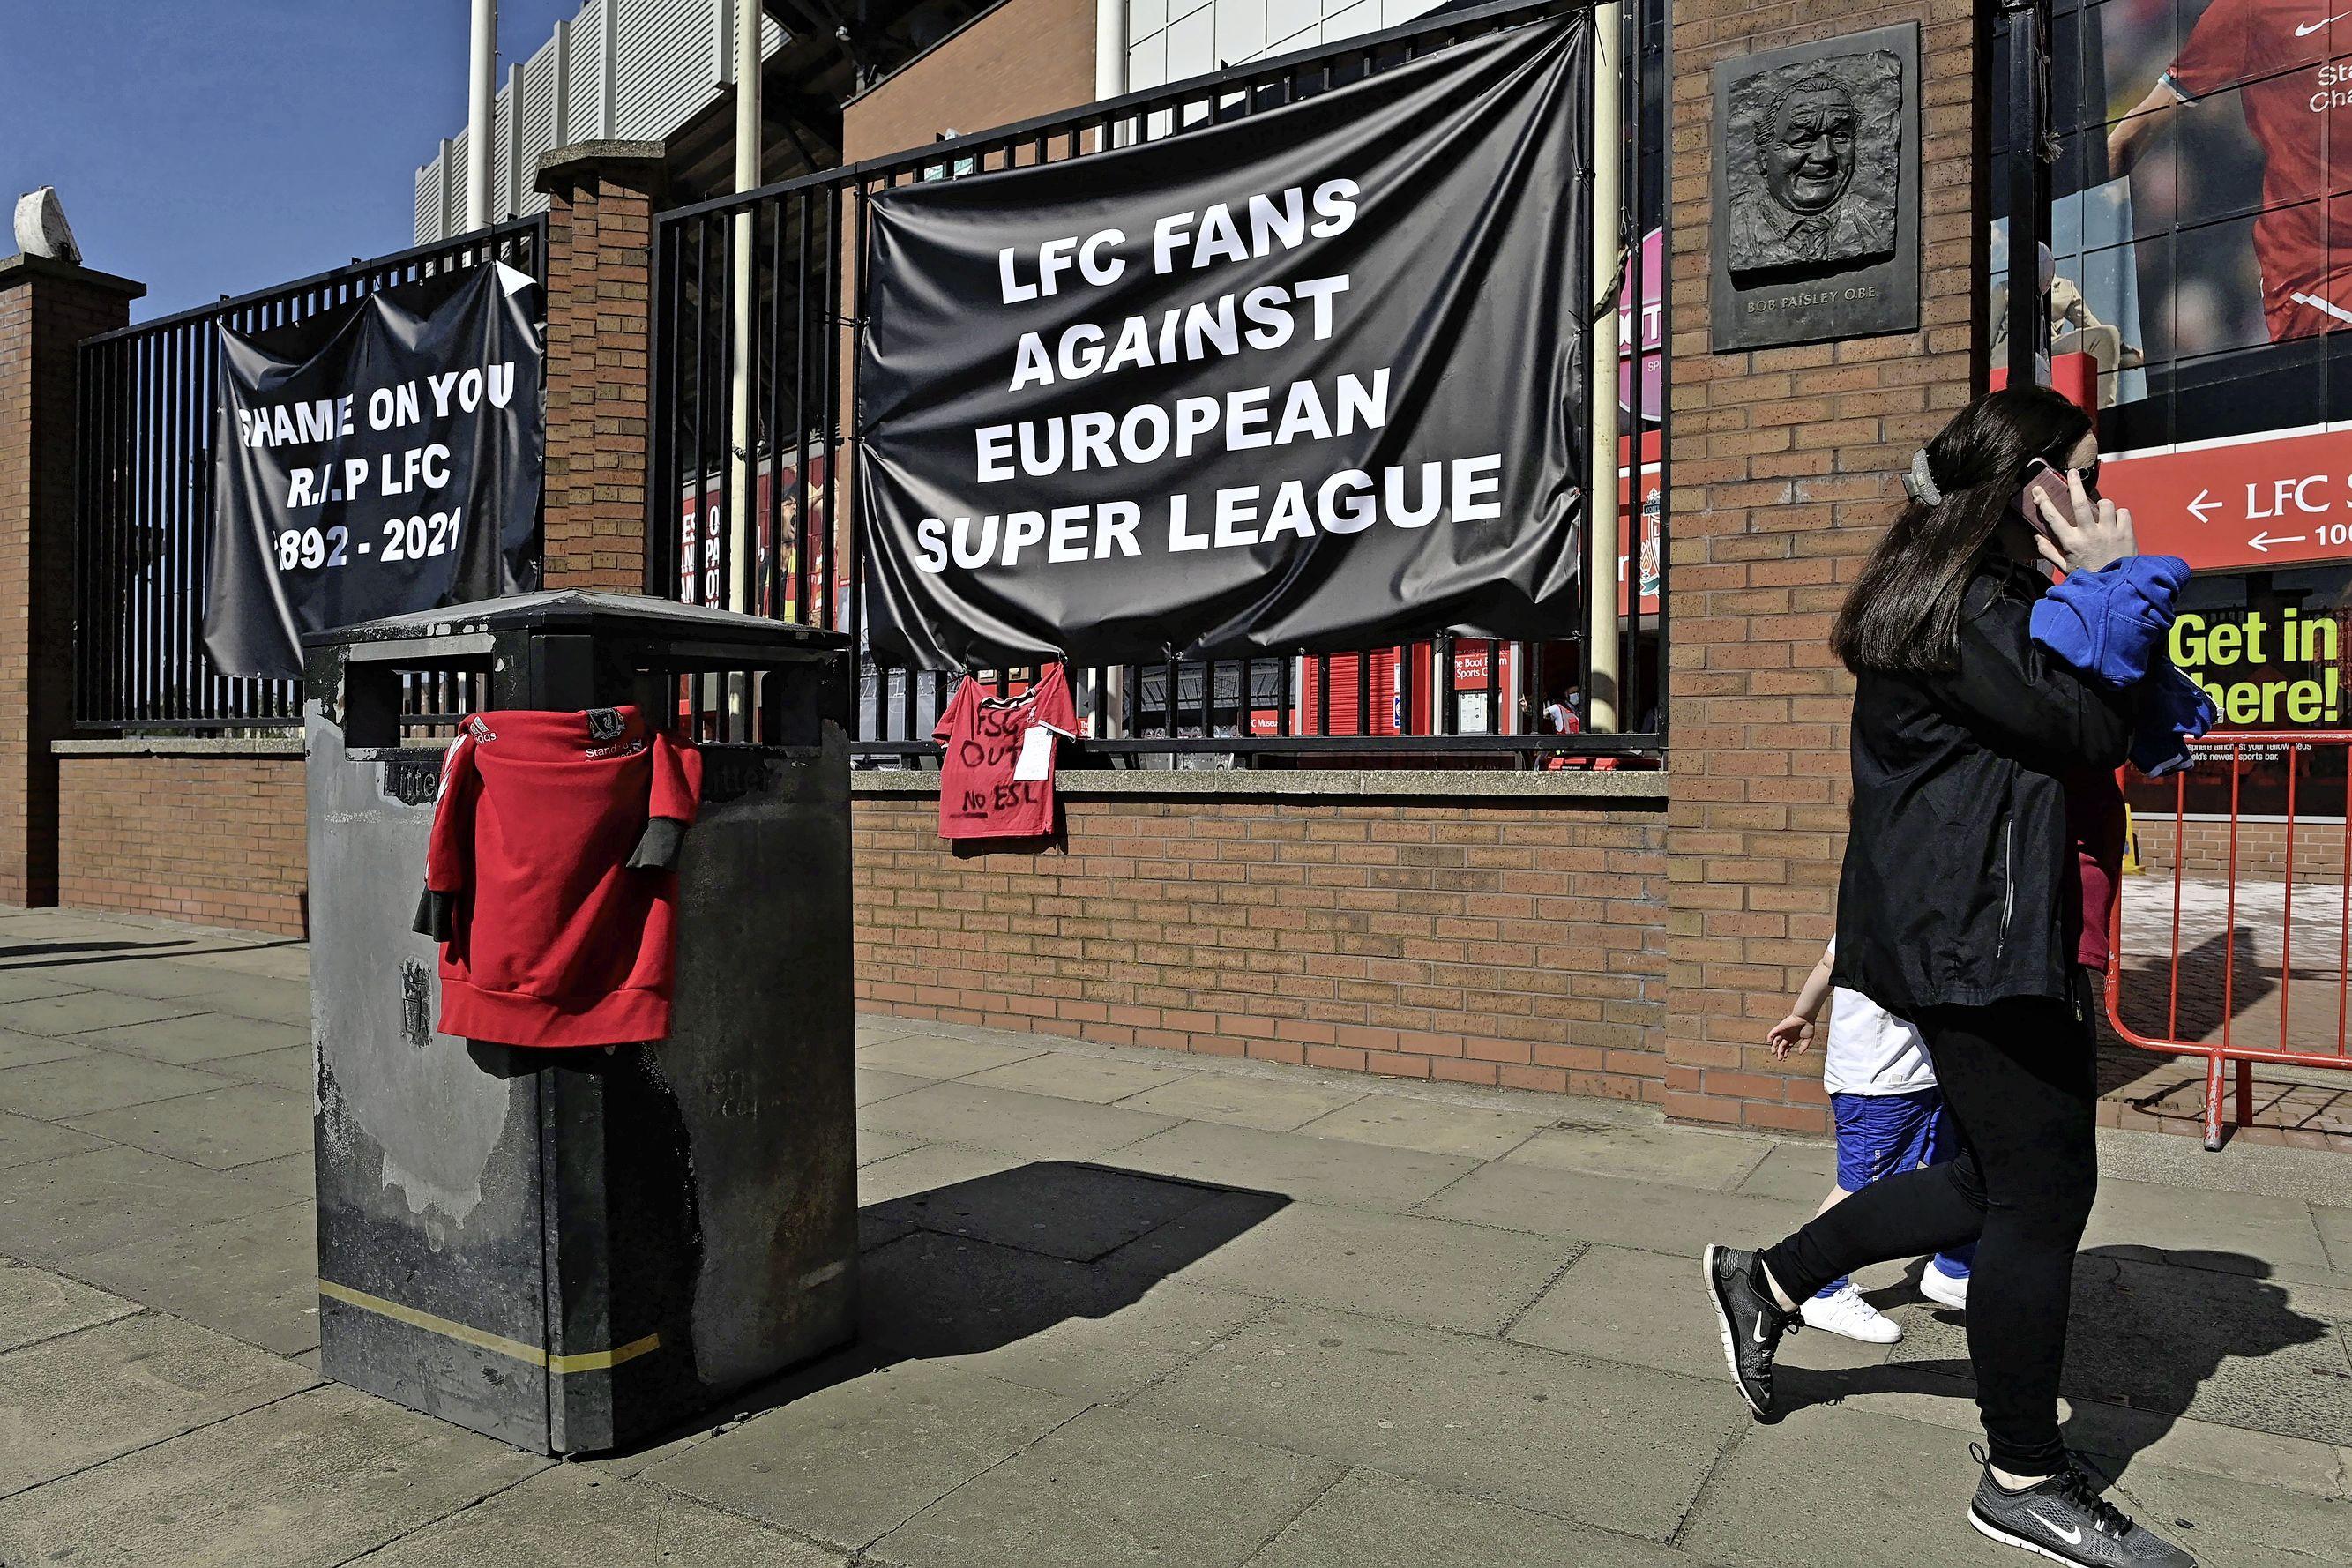 'Het worden drukke maanden voor de juristen.' Woede, verontwaardiging en hoon in voetbalwereld om plannen voor een Super League